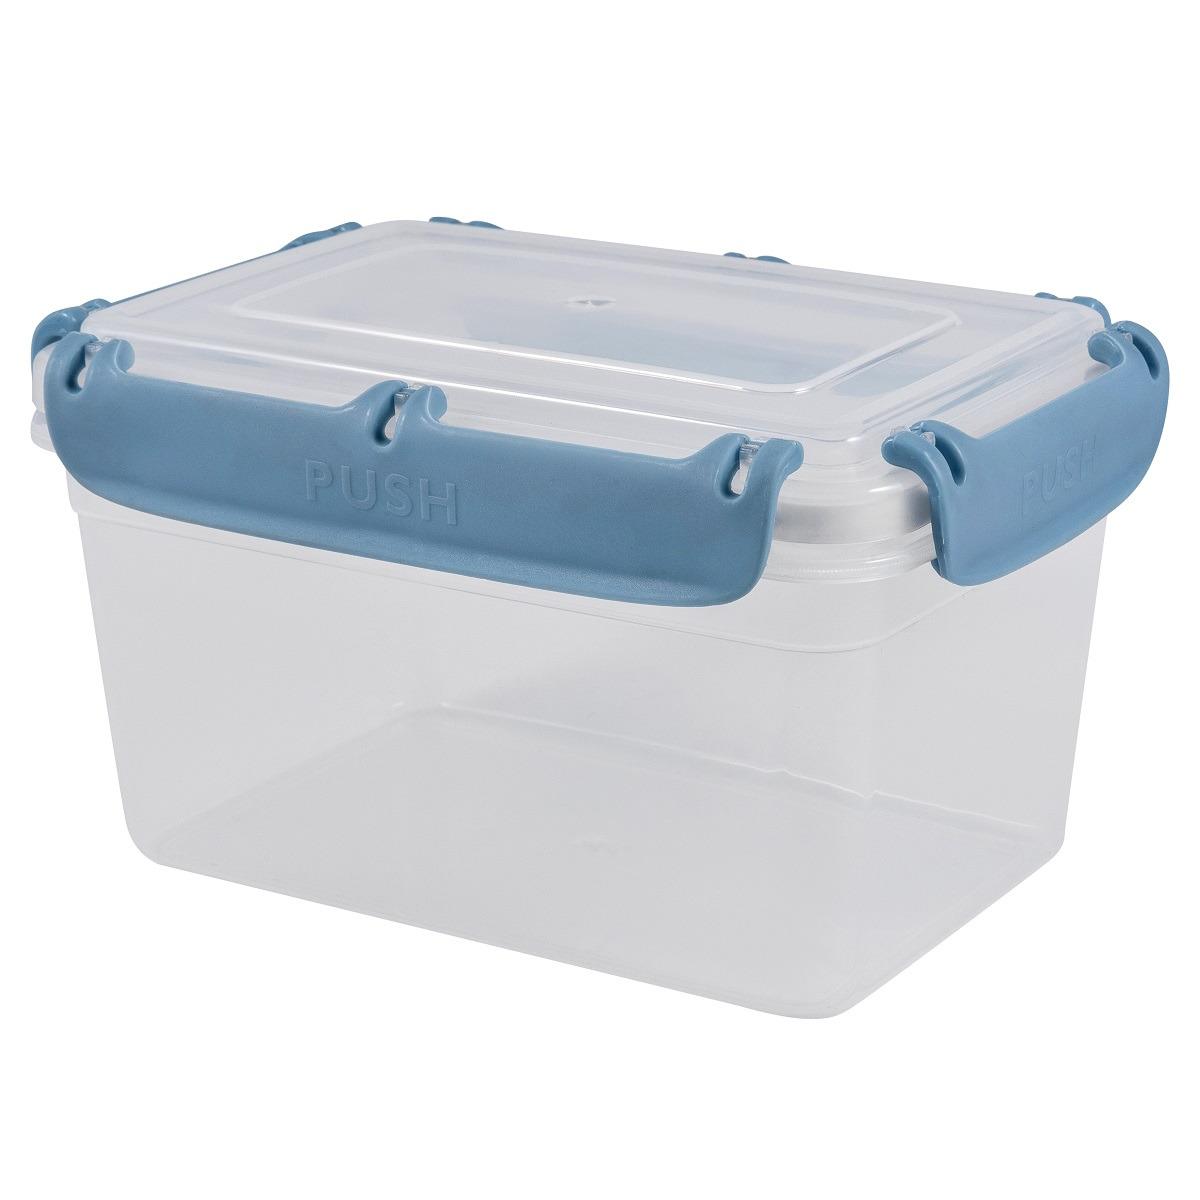 Контейнер пищевой Plast Team Bergen, с защелками, PT1046-16, туманно-голубой, 2,4 л контейнер пищевой plast team цвет голубой прозрачный 0 6 л